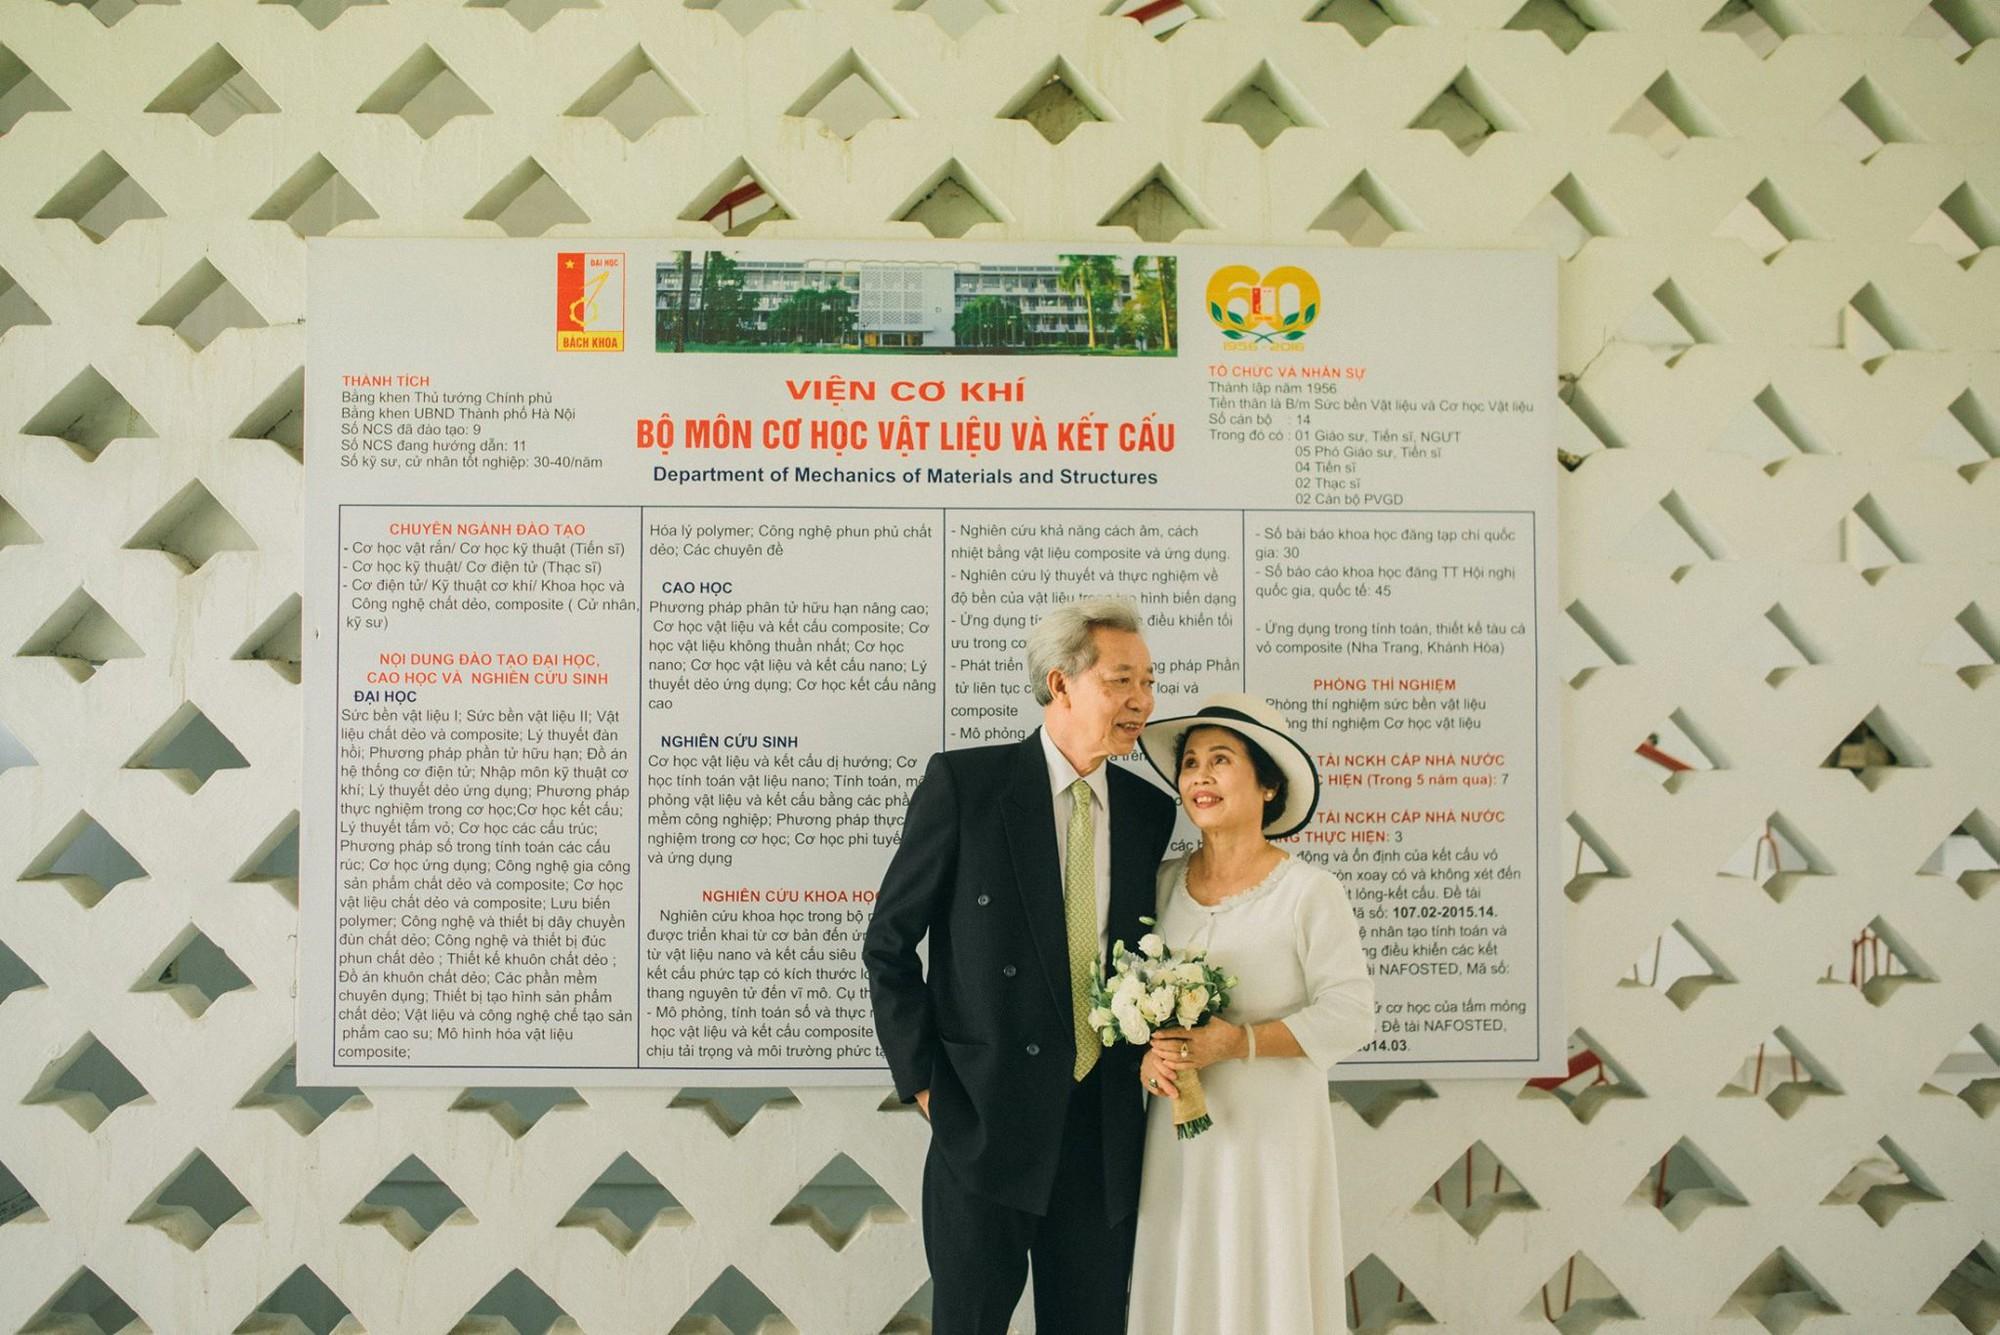 Bộ ảnh cưới đầu tiên sau 45 năm kết hôn và chia sẻ xúc động của cựu CEO Uber Việt Nam cho bố mẹ - Ảnh 10.